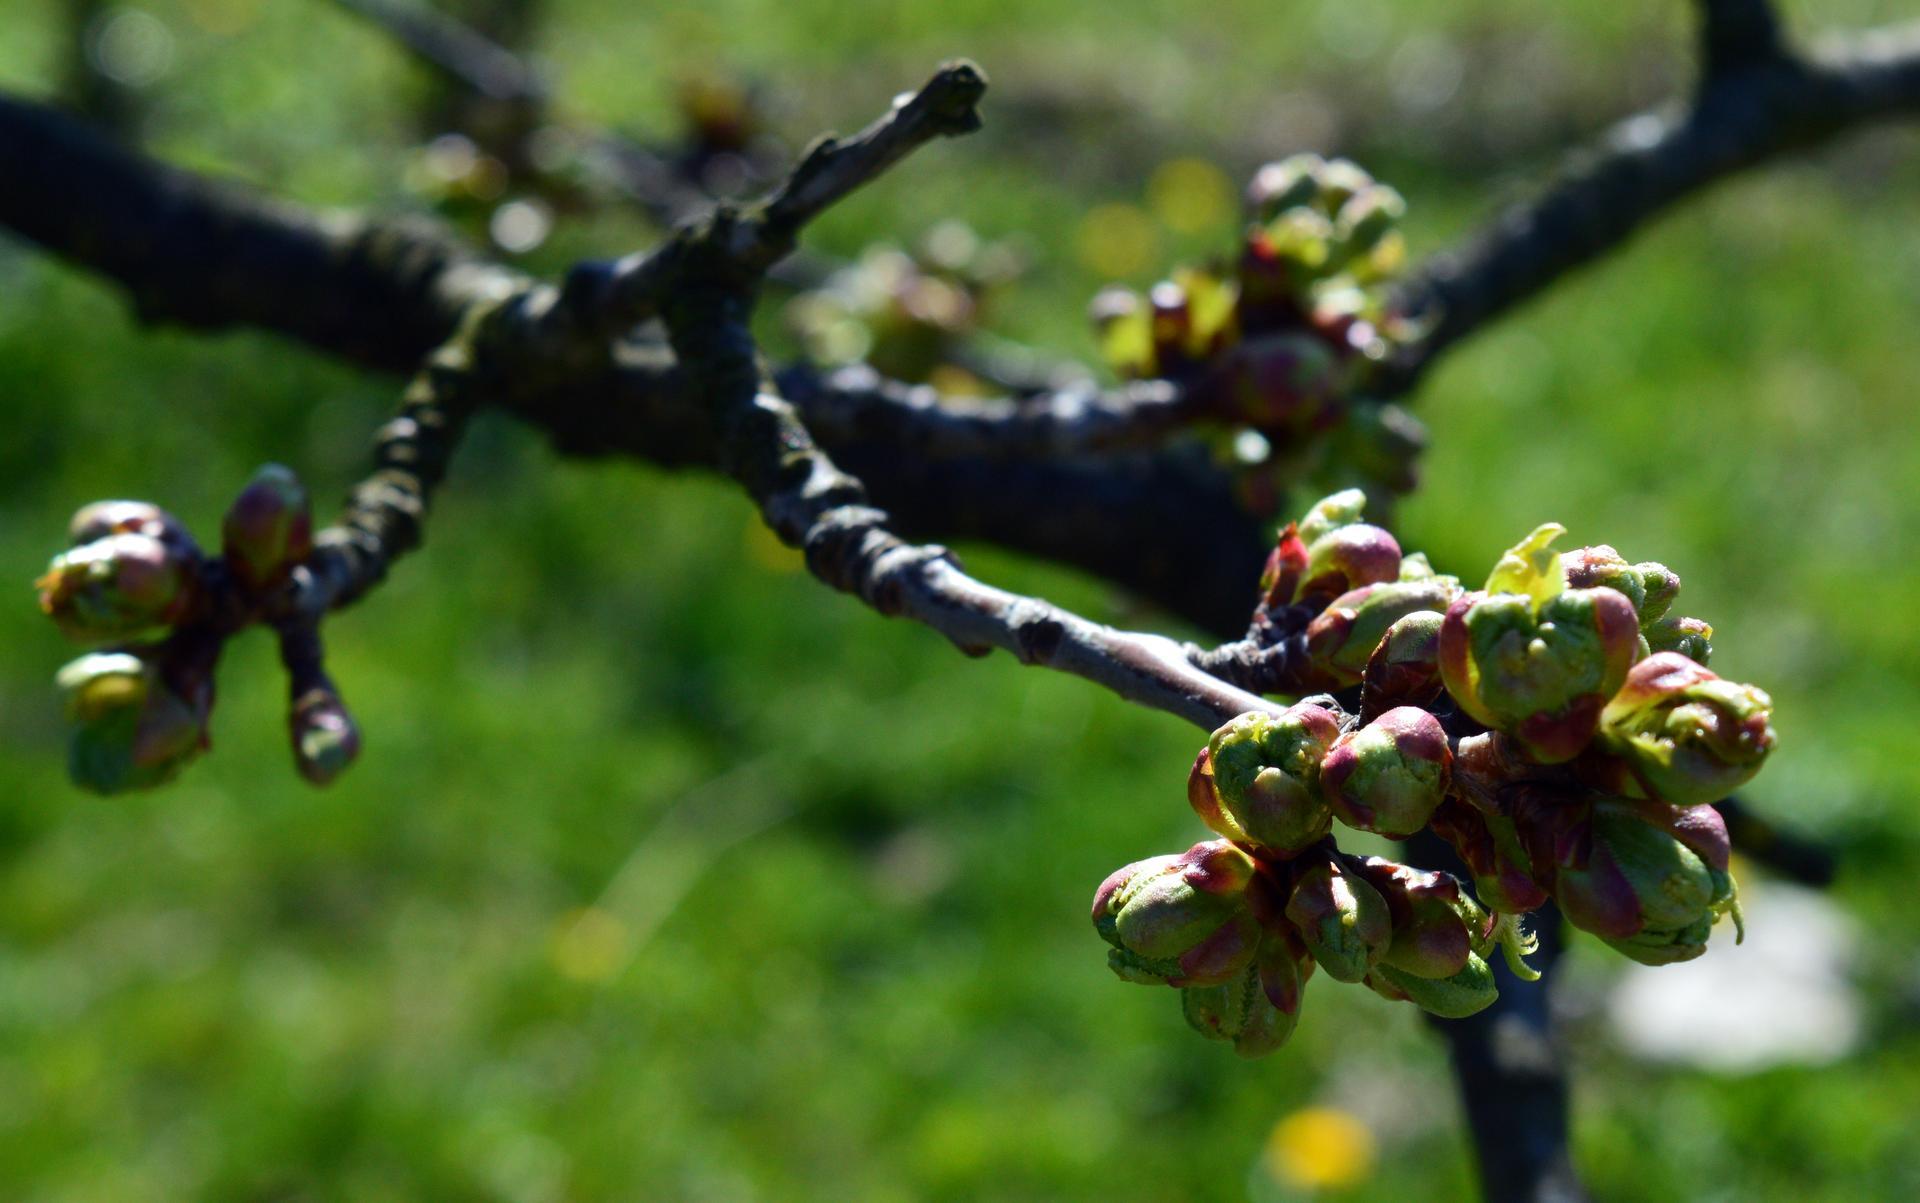 Naša prírodná perma záhradka v roku 2020 - ani čerešnička ešte nekvitne